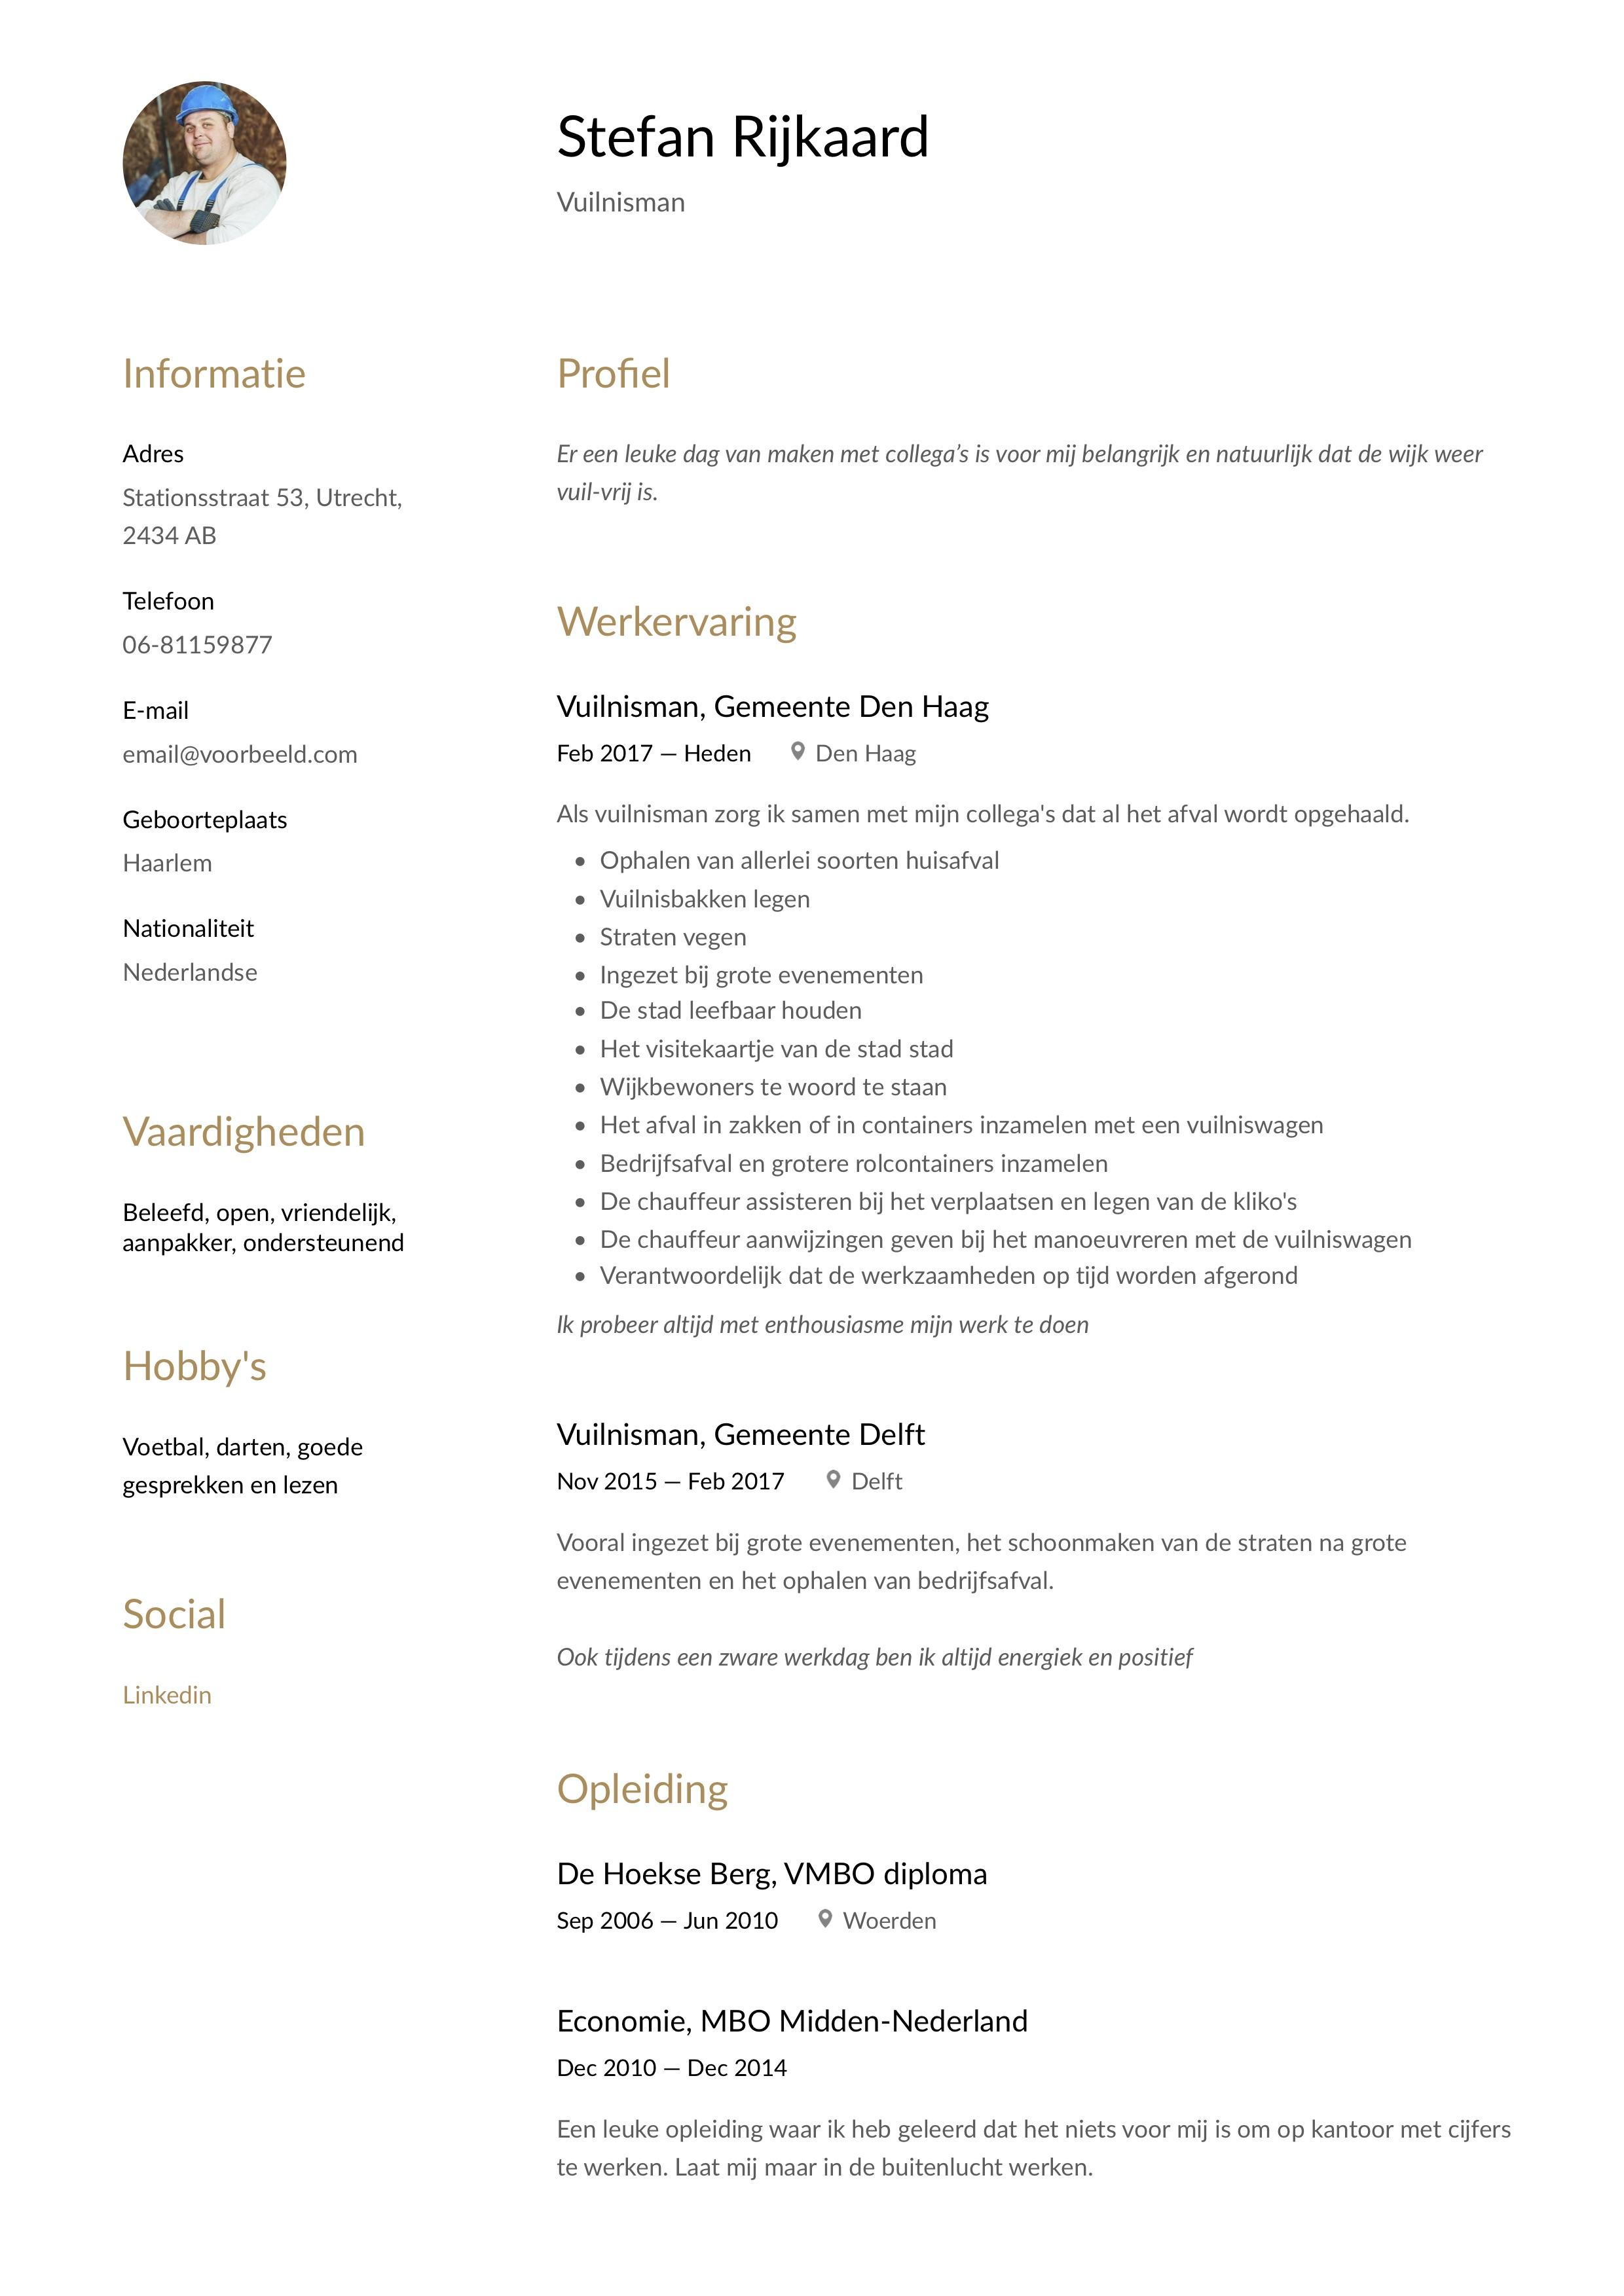 CV Voorbeeld Vuilnisman huisvuilbelader